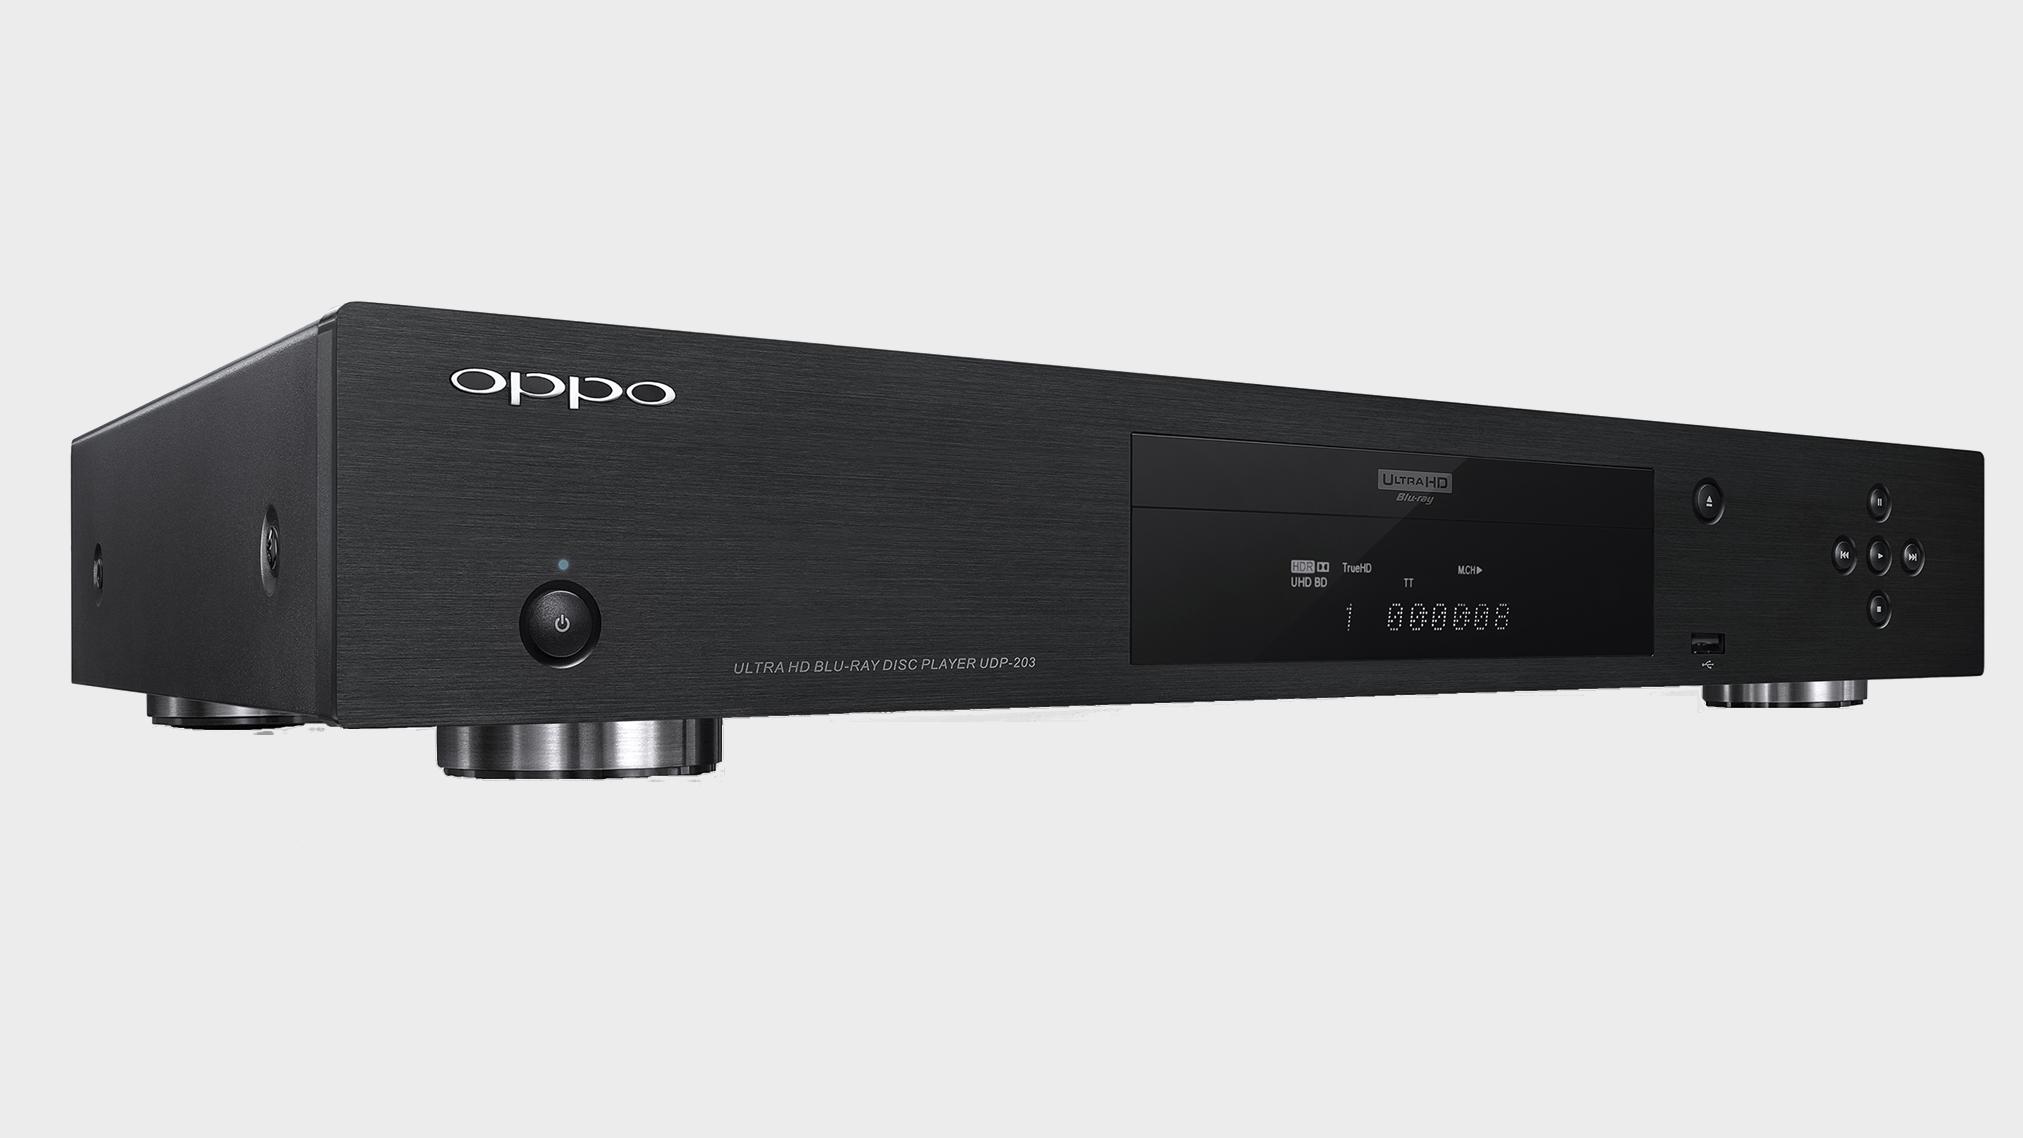 Dette er den første 4K-Blu-ray-spilleren som støtter Dolby Vision